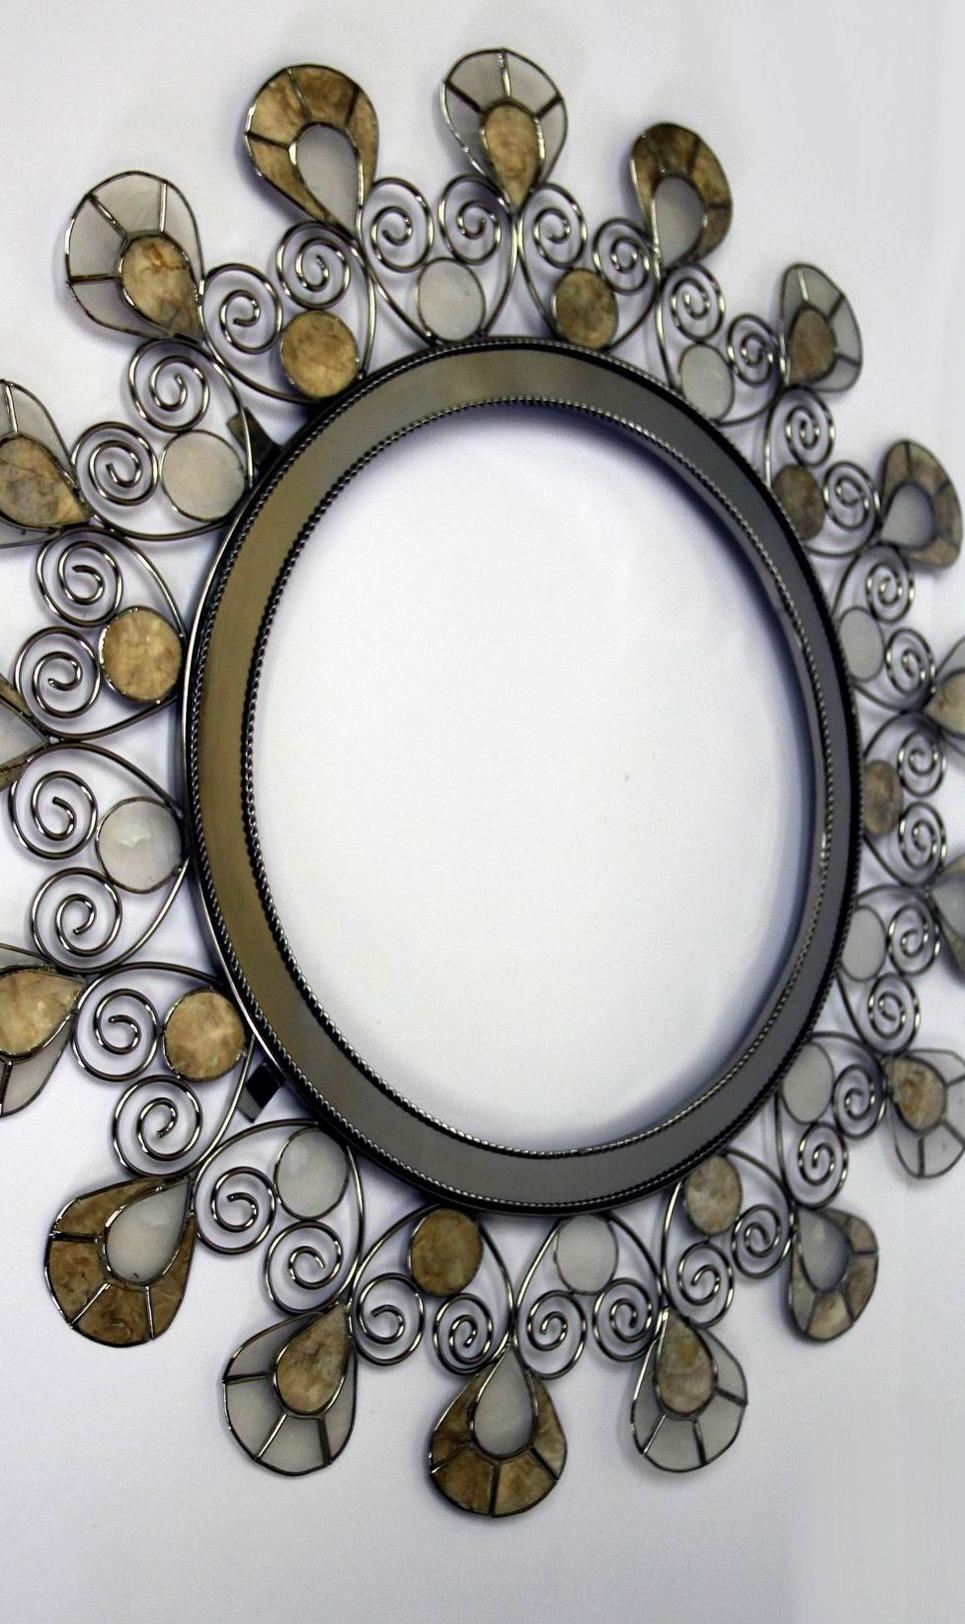 Belmon mirrorframe1 show